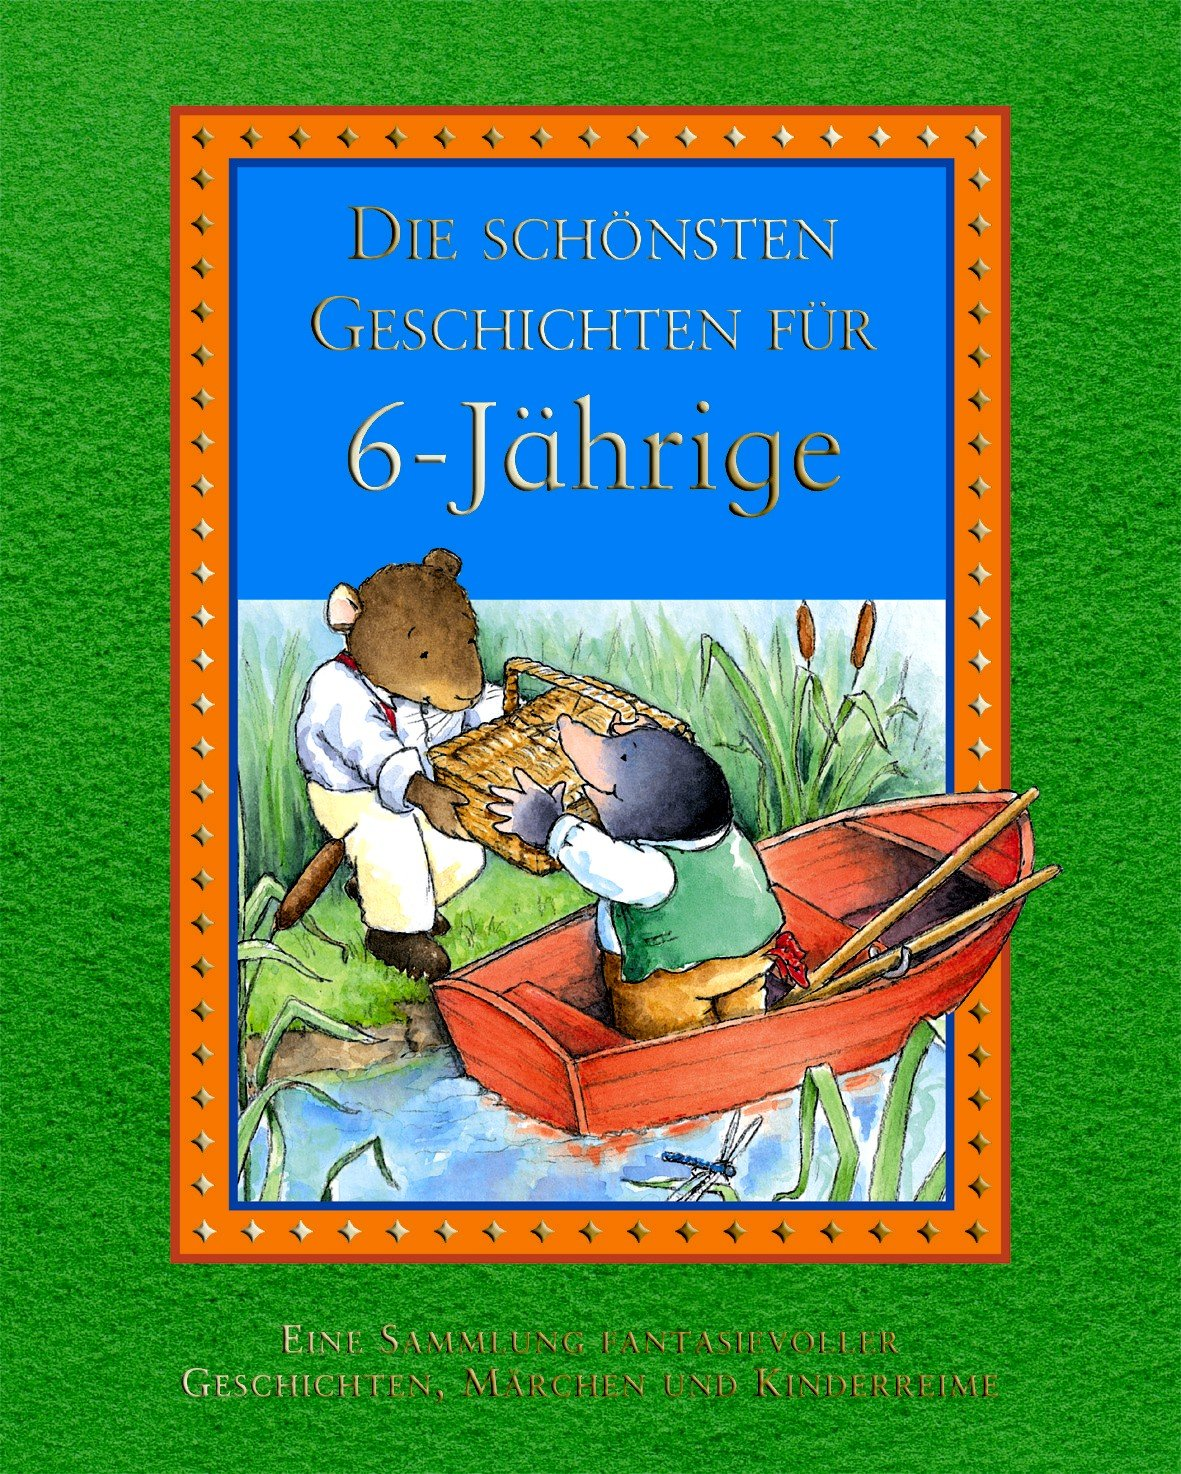 Die schönsten Geschichten für 6-Jährige: Eine Sammlung fantasievoller Geschichten und Kinderspiele